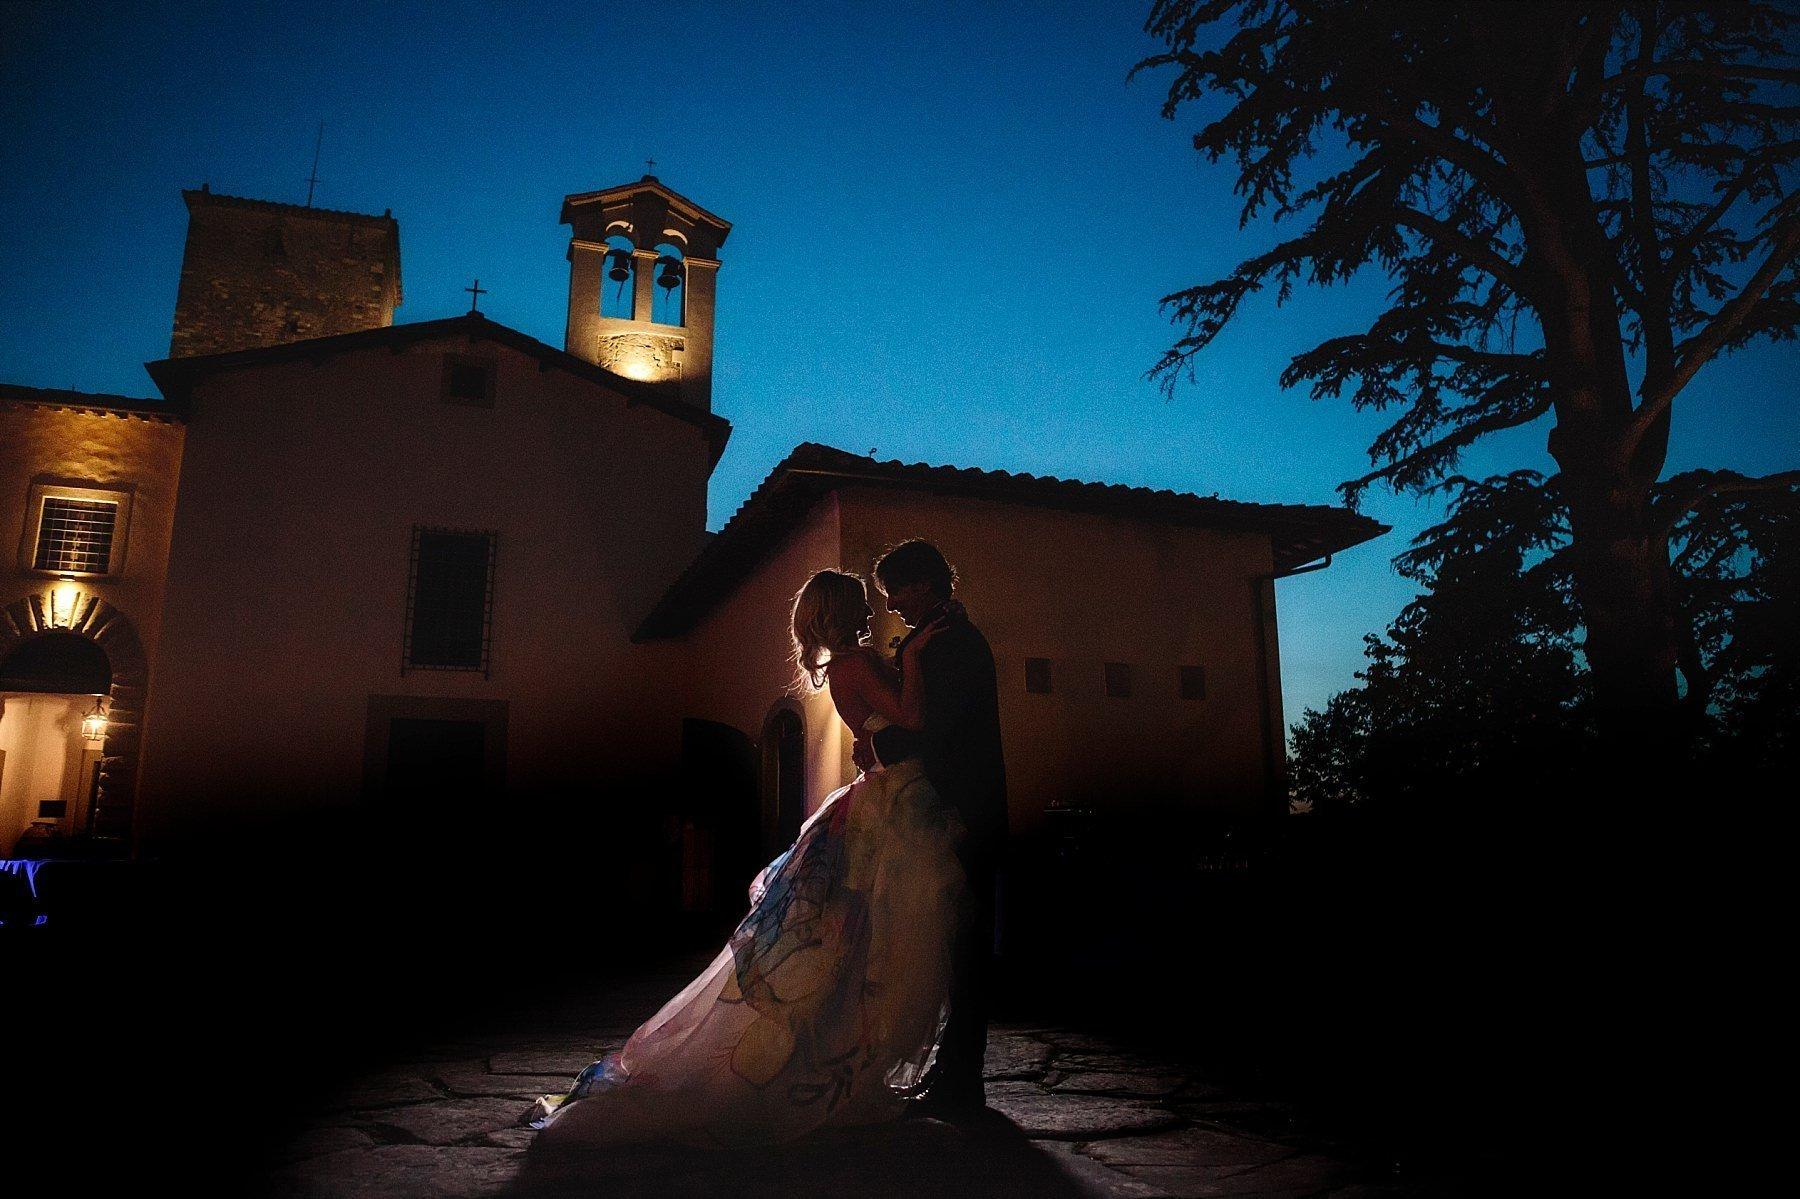 Ritratto di notte con sposi in silouette al Castello di Sant'Ellero